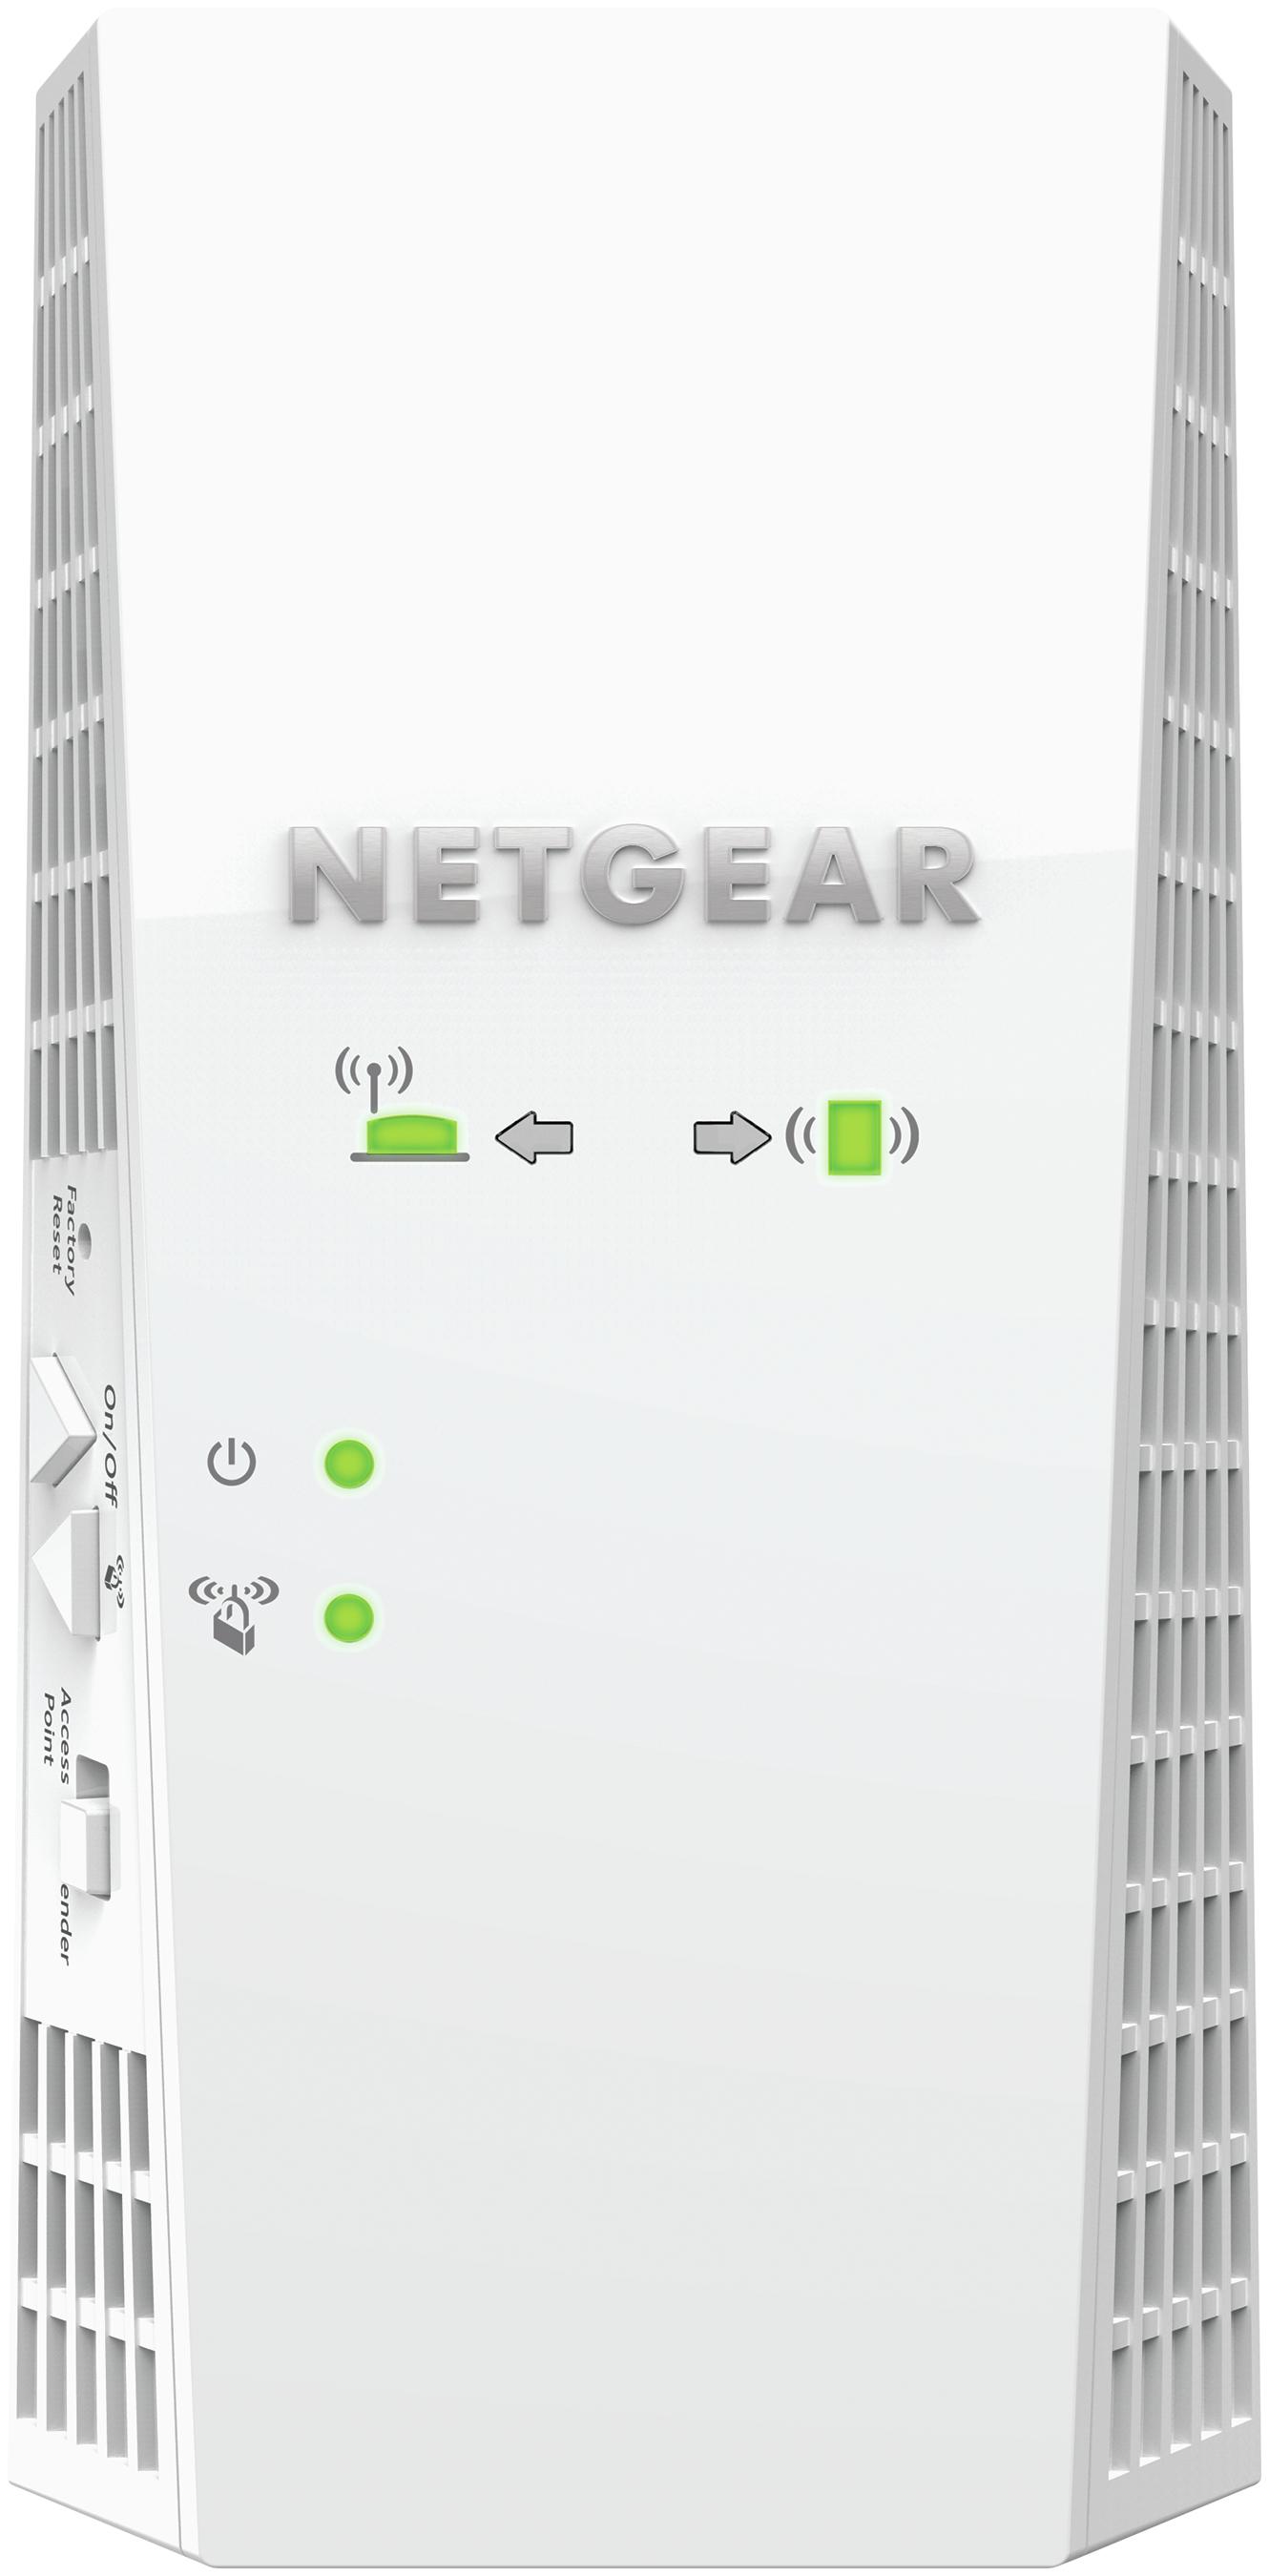 Netgear Nighthawk EX7300 - Wi-Fi-Range-Extender - 10Mb LAN, 100Mb LAN, GigE